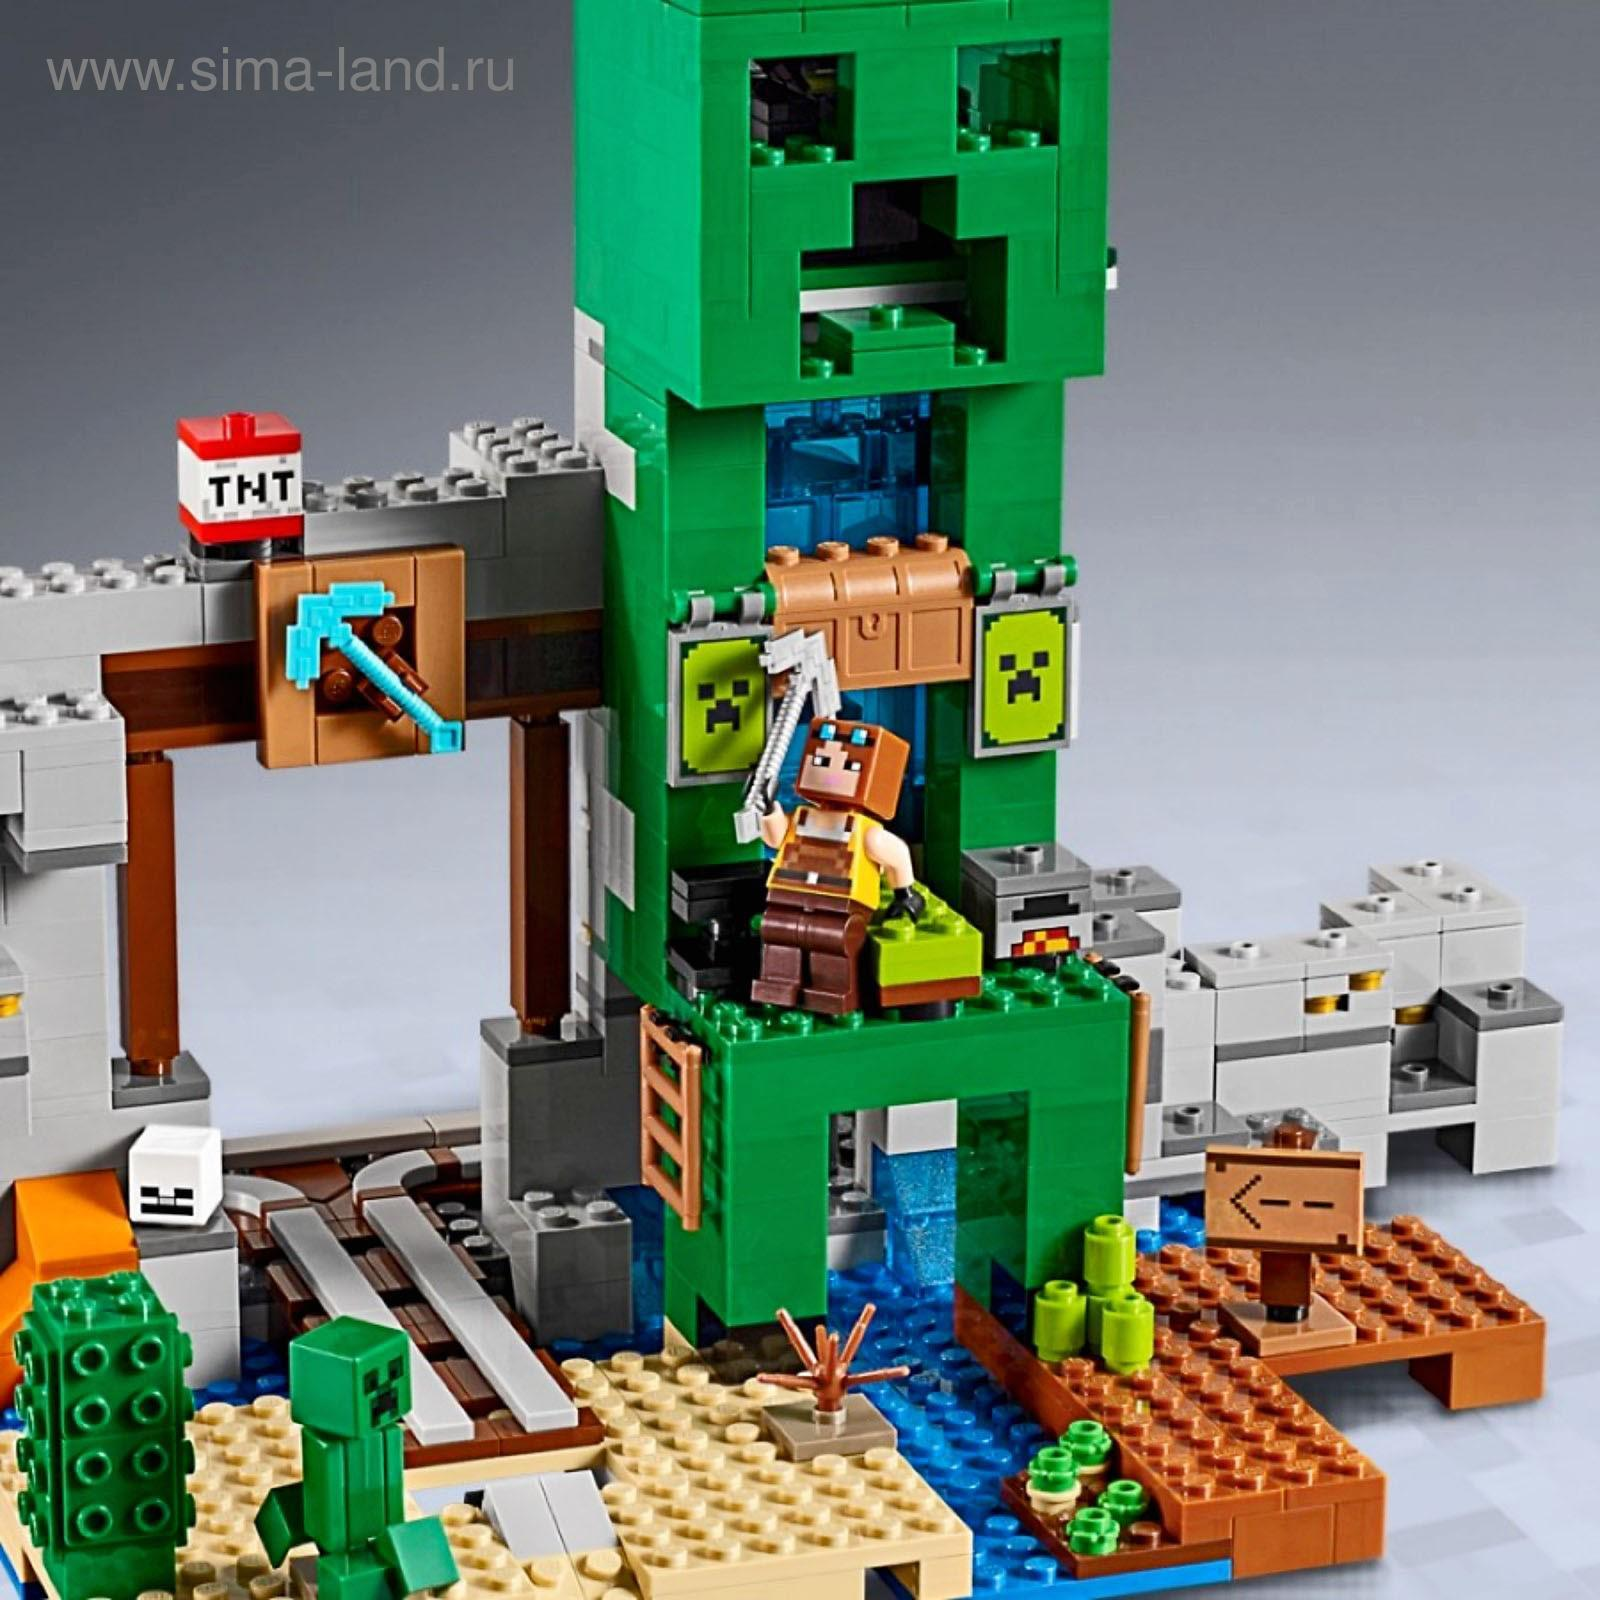 Лего майнкрафт купить 2016 года